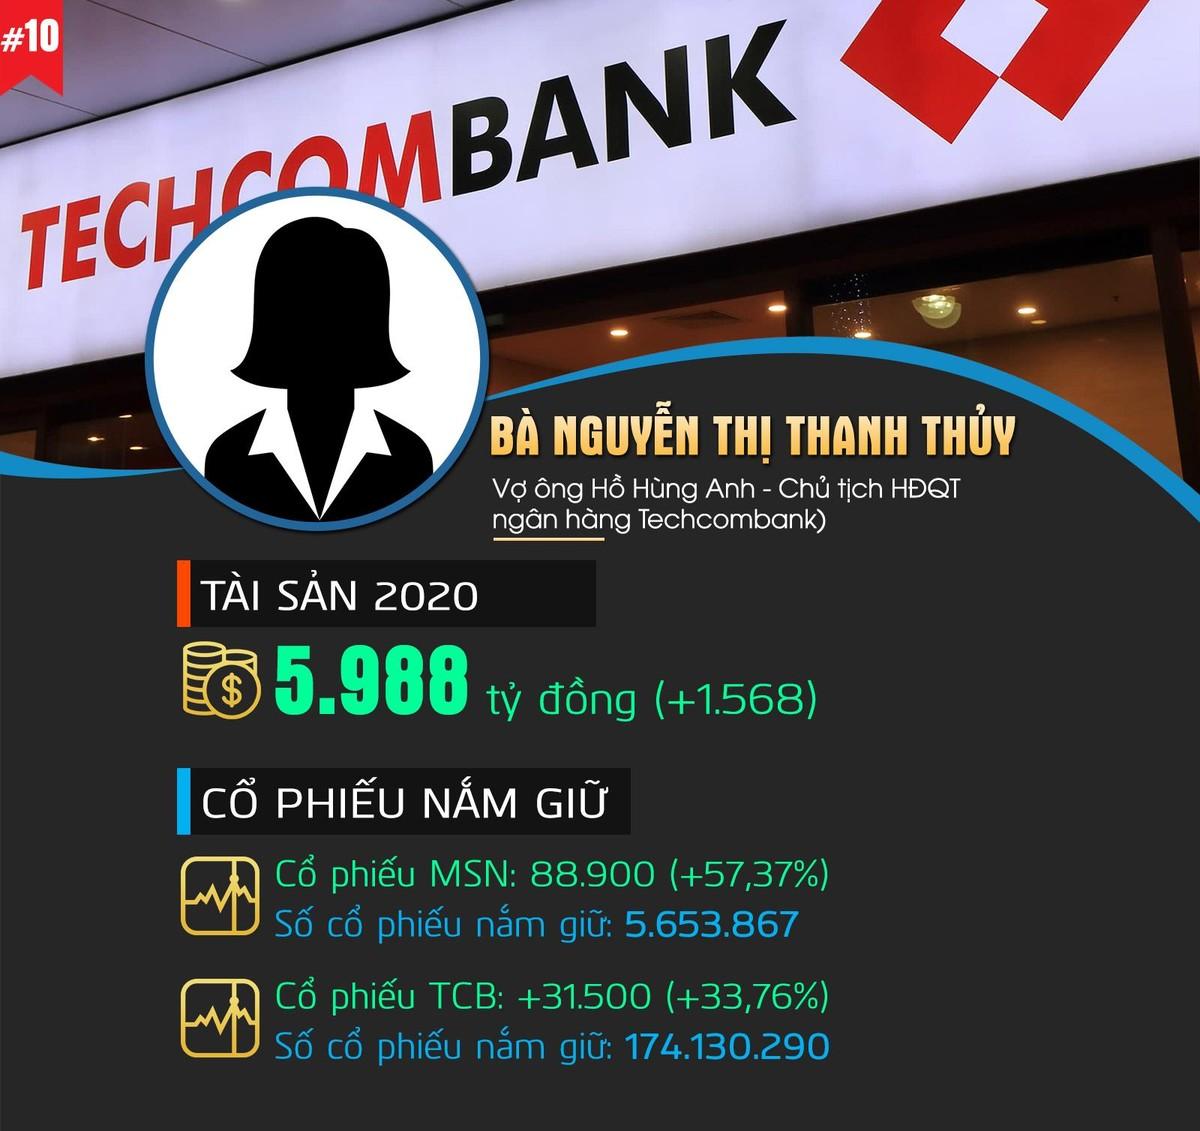 Top 10 người giàu nhất Thị trường chứng khoán Việt Nam 2020 ảnh 10